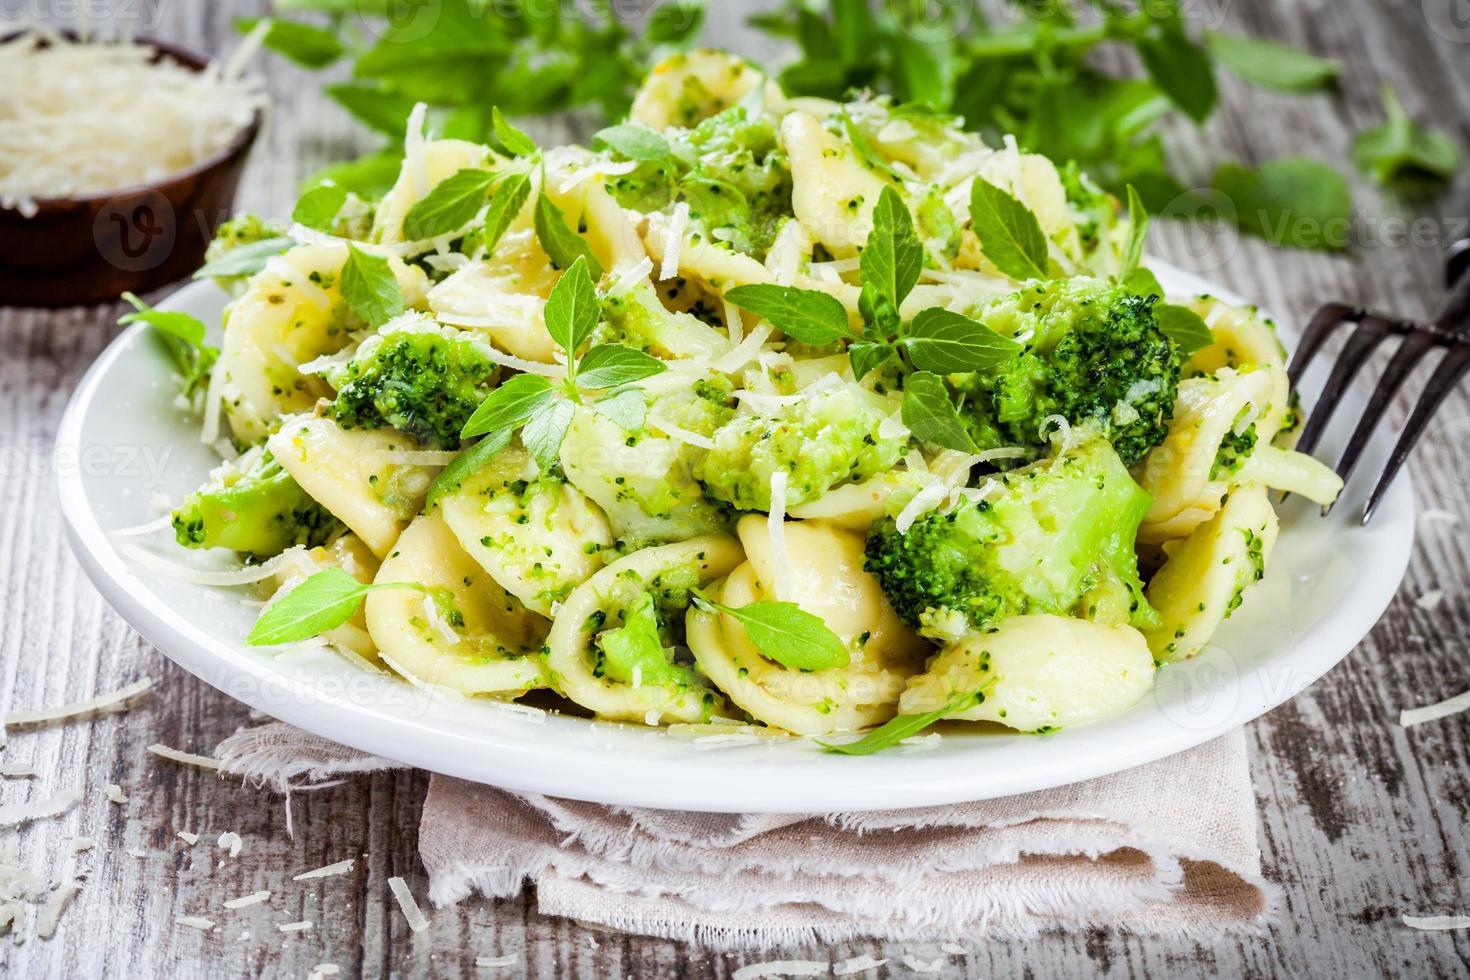 orecchiette de pâtes maison au brocoli, parmesan et basilic photo